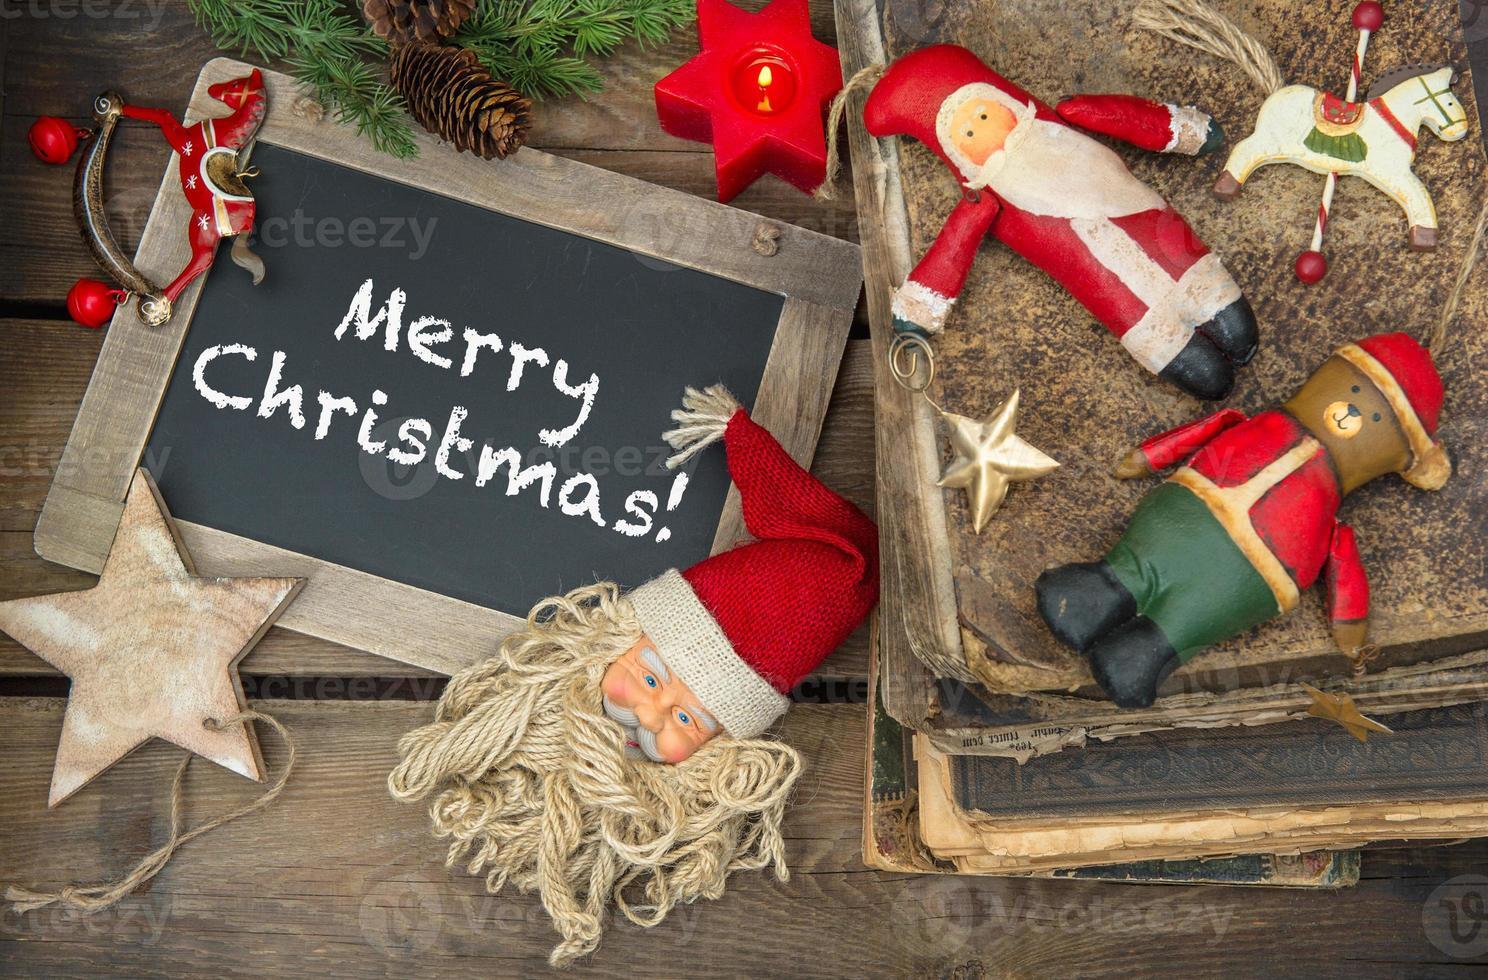 velas de decoração de Natal e brinquedos antigos. quadro-negro foto